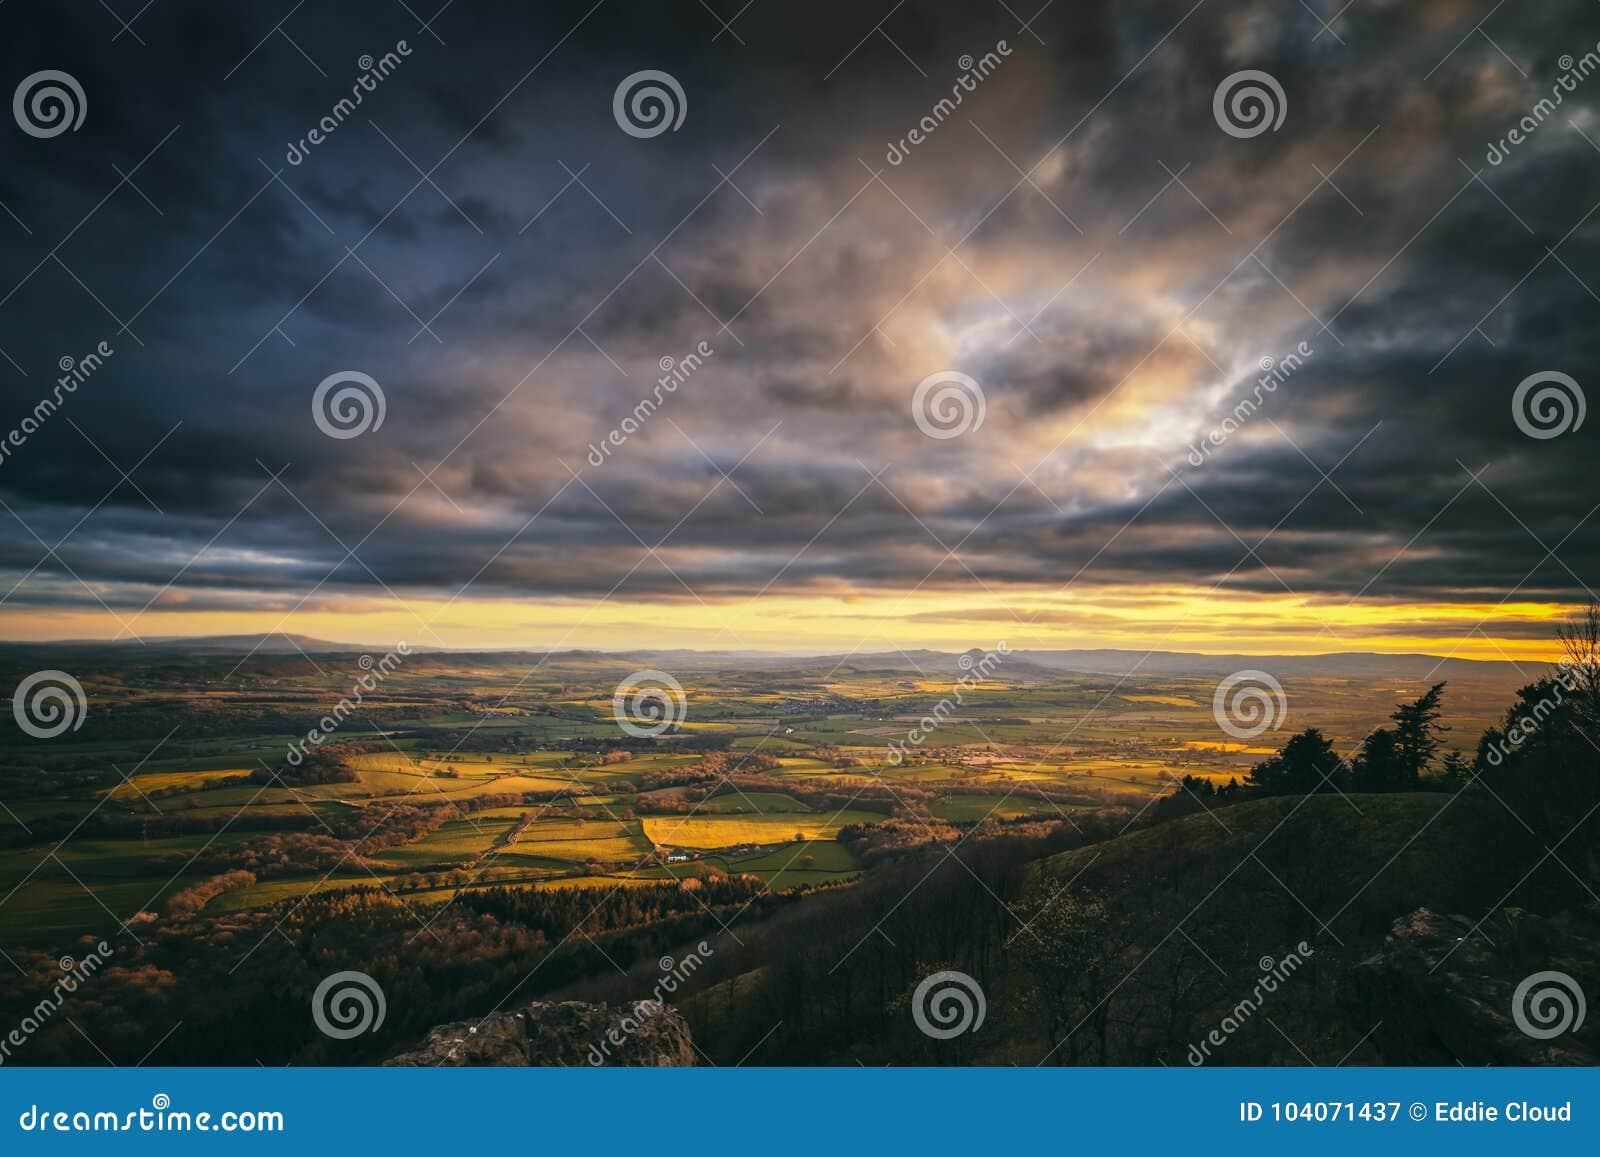 Δραματικό ηλιοβασίλεμα πέρα από τη βρετανική επαρχία